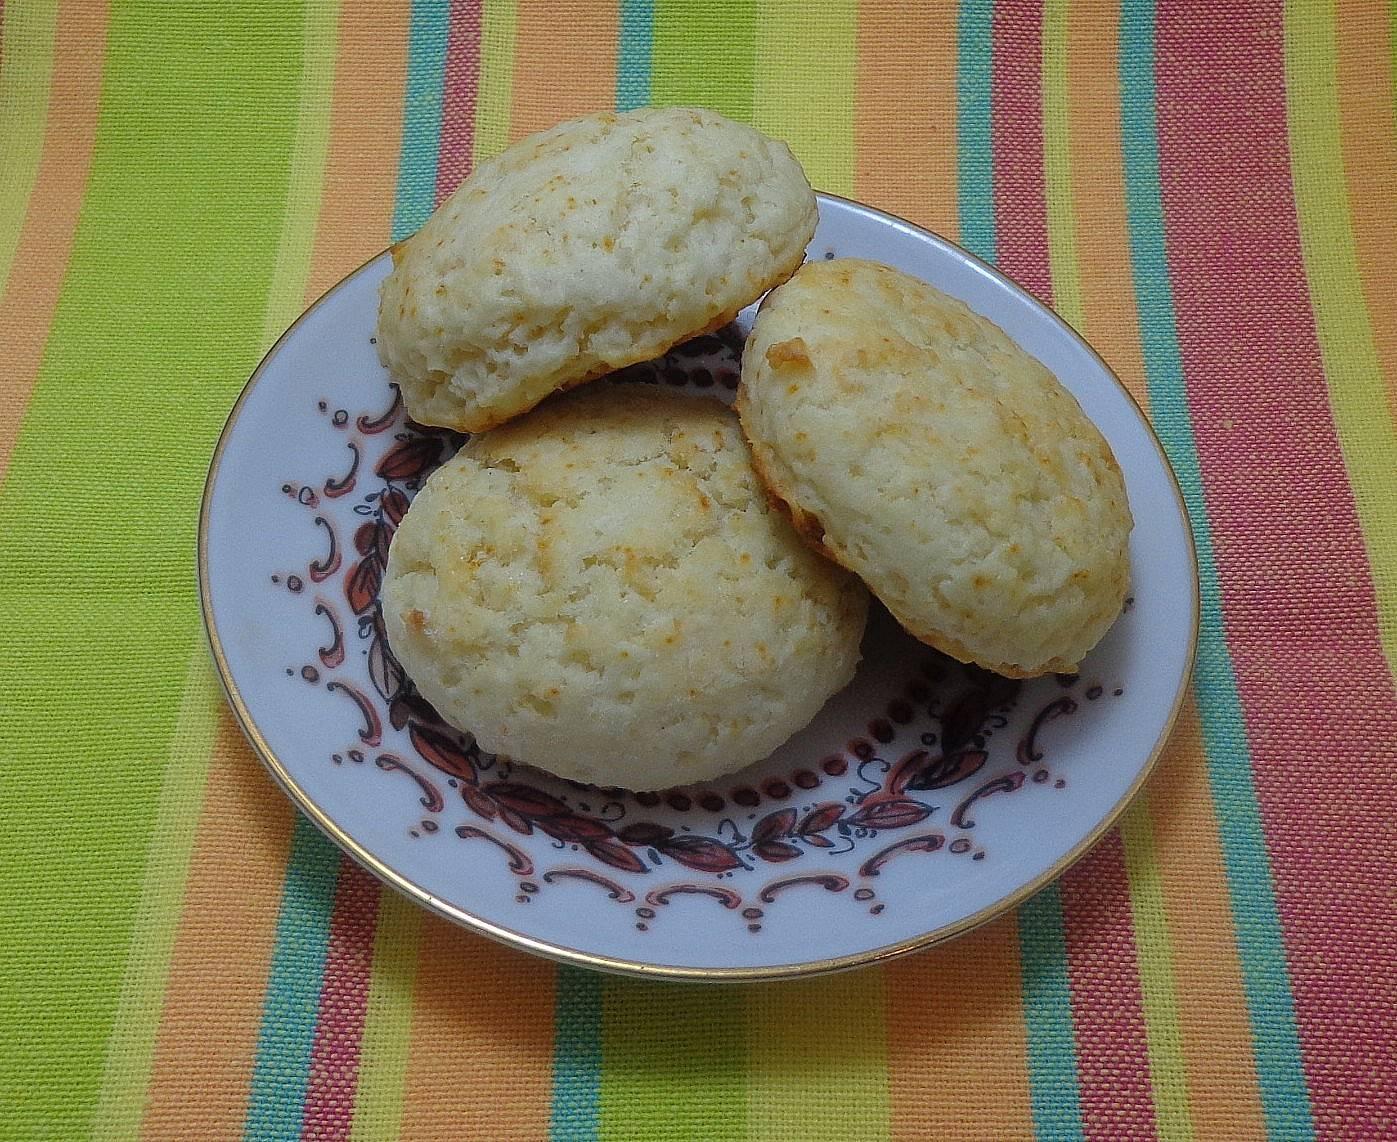 Любимые булочки английской королевы. ты удивишься, когда узнаешь, насколько прост этот рецепт!